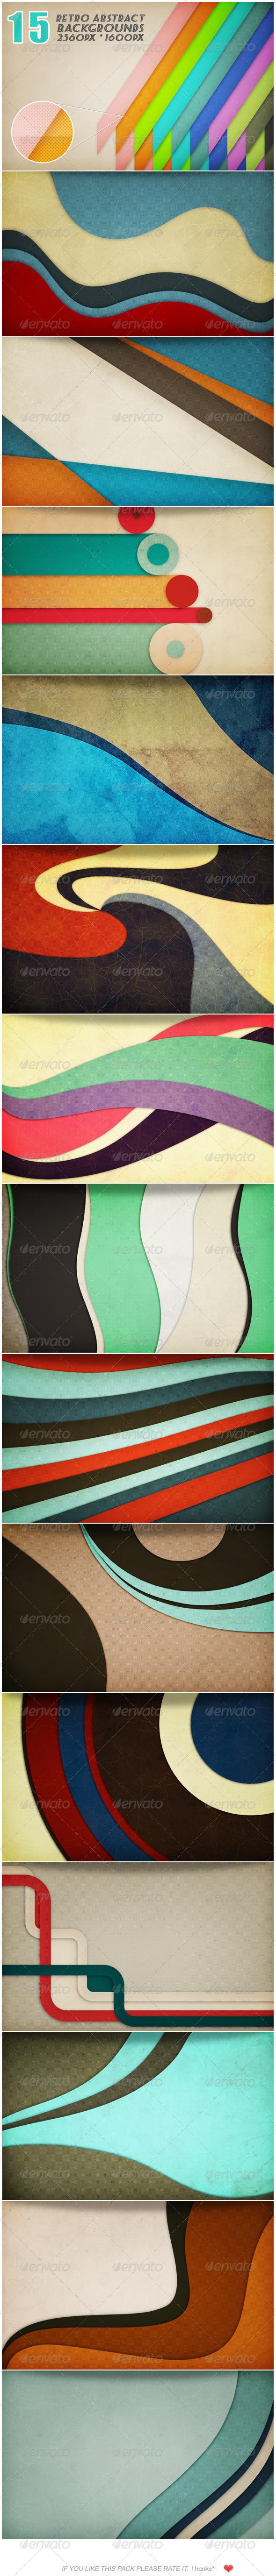 GraphicRiver 15 Retro Graphic Backgrounds 3987240